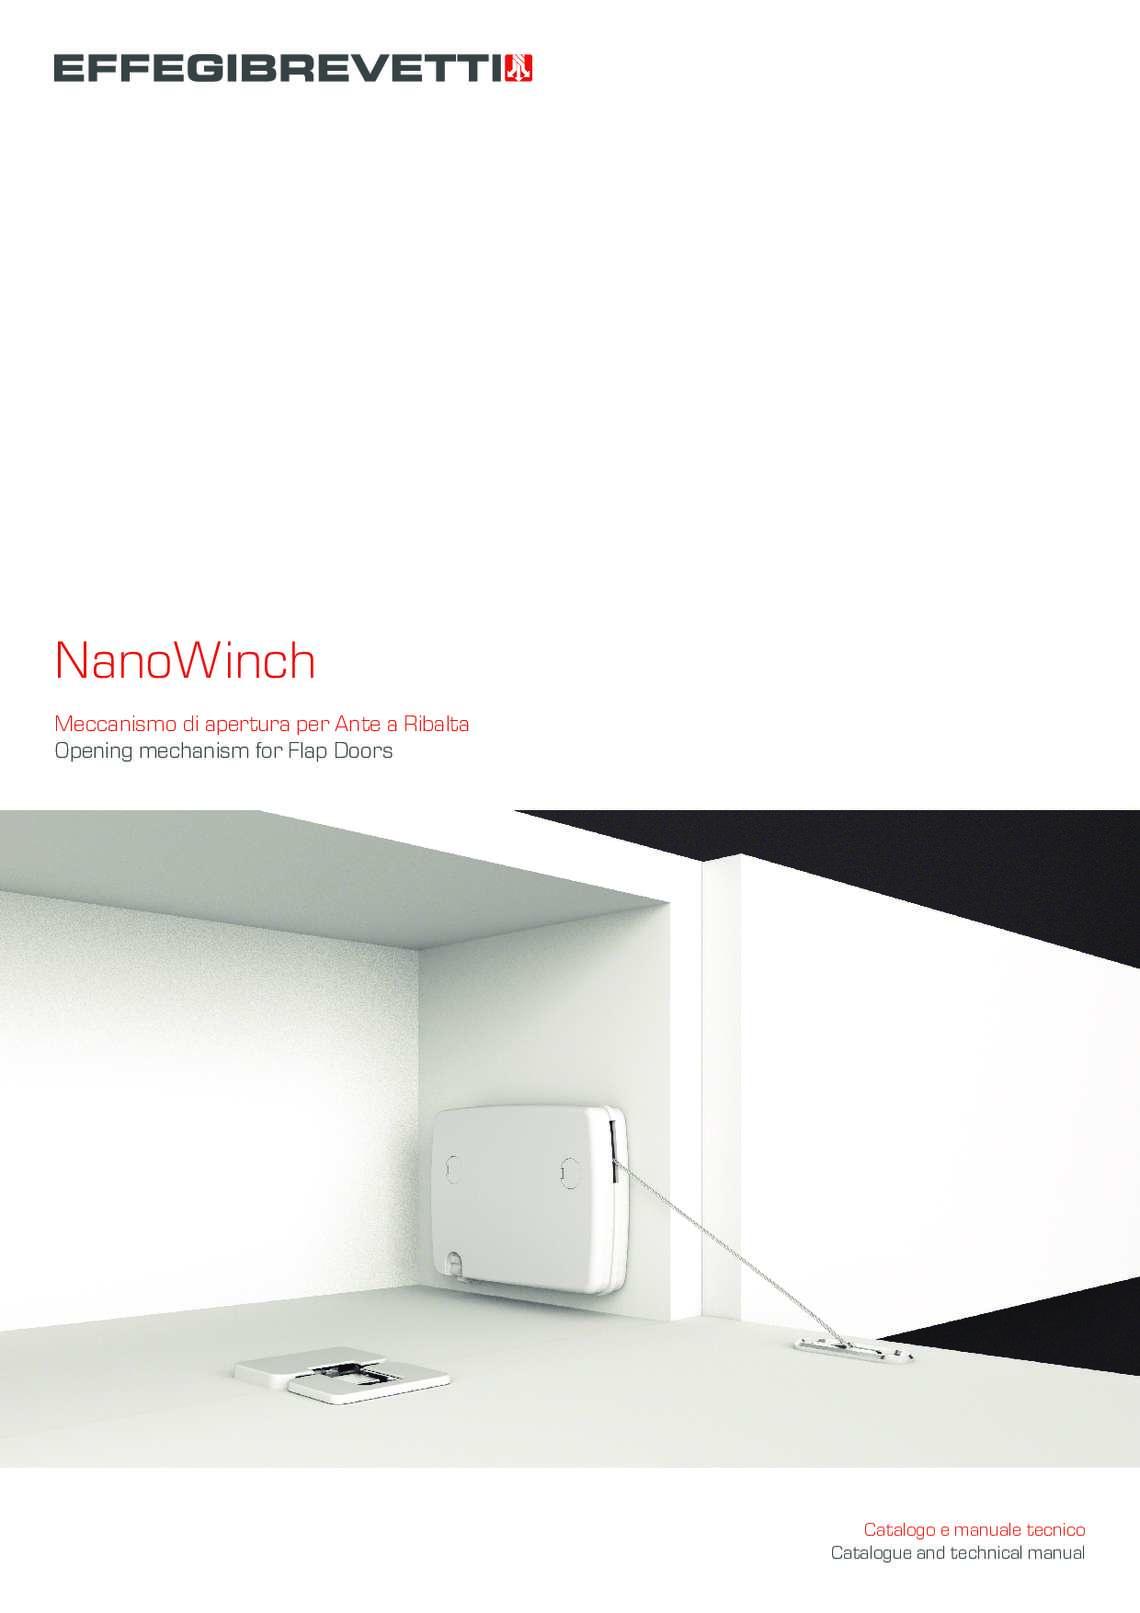 NanoWinch - Meccanismo di apertura per Ante a Ribalta